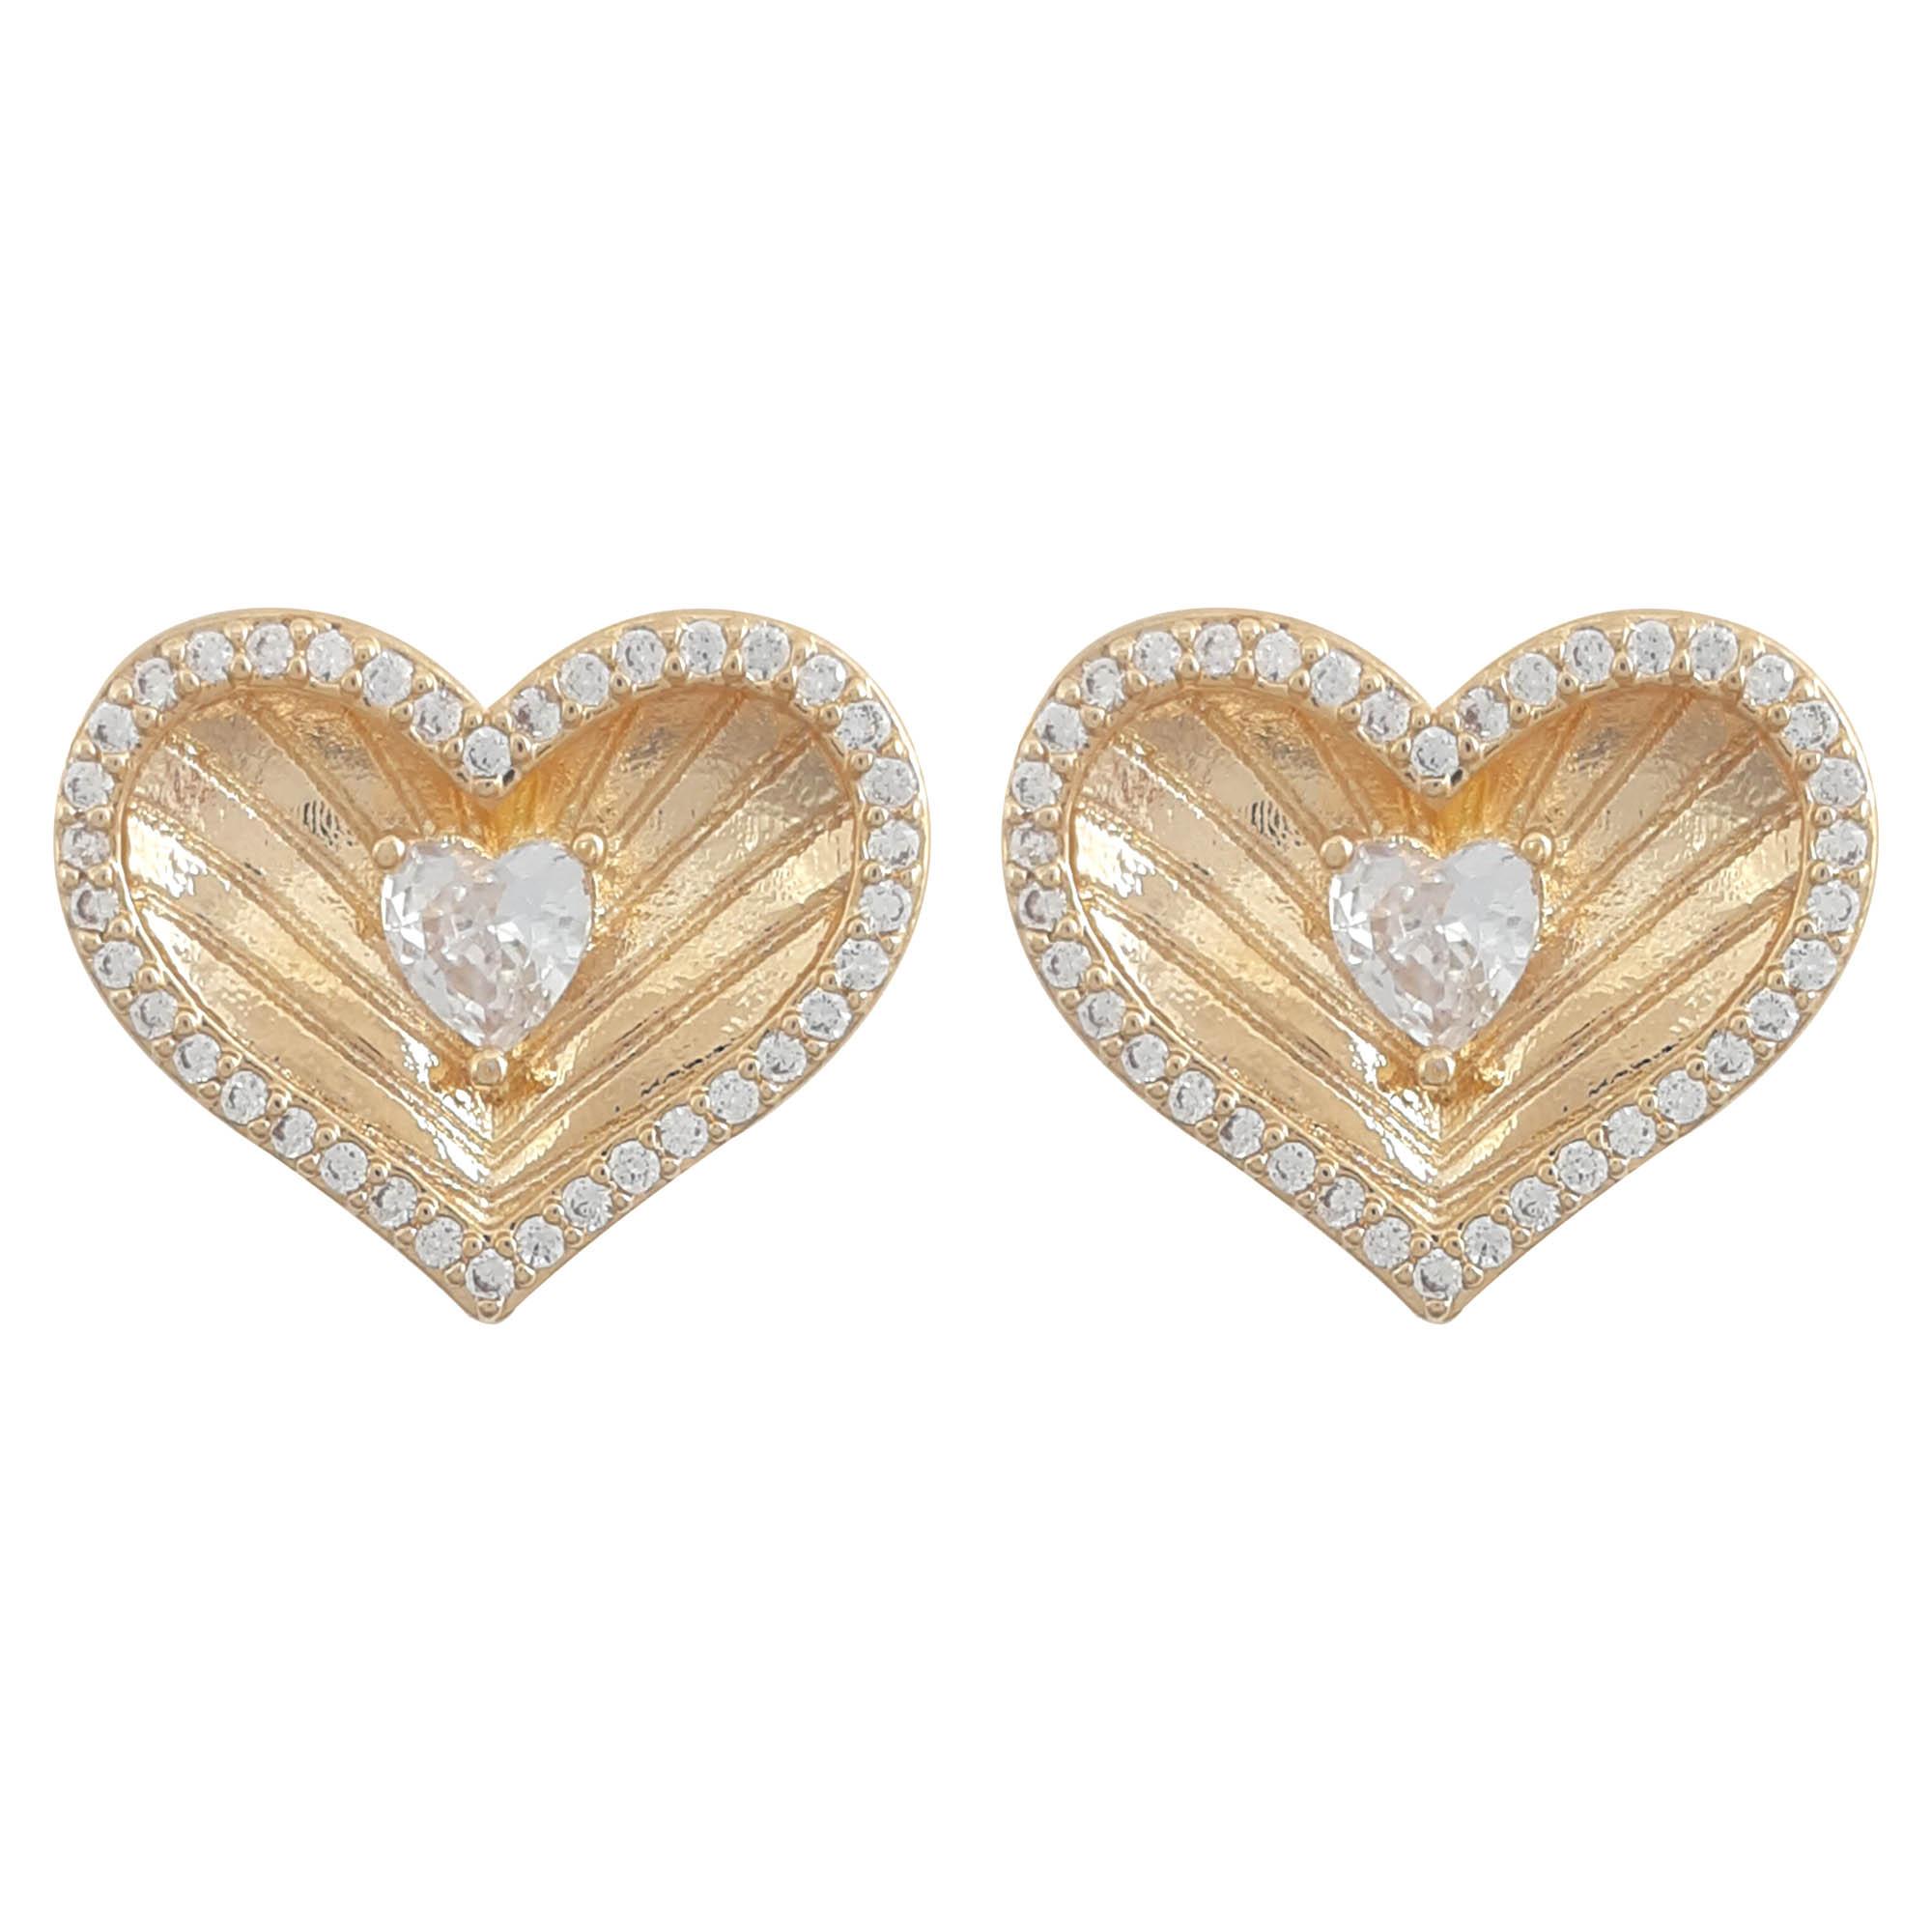 Brinco coração alta joalheria banho a ouro 18k e ródio branco